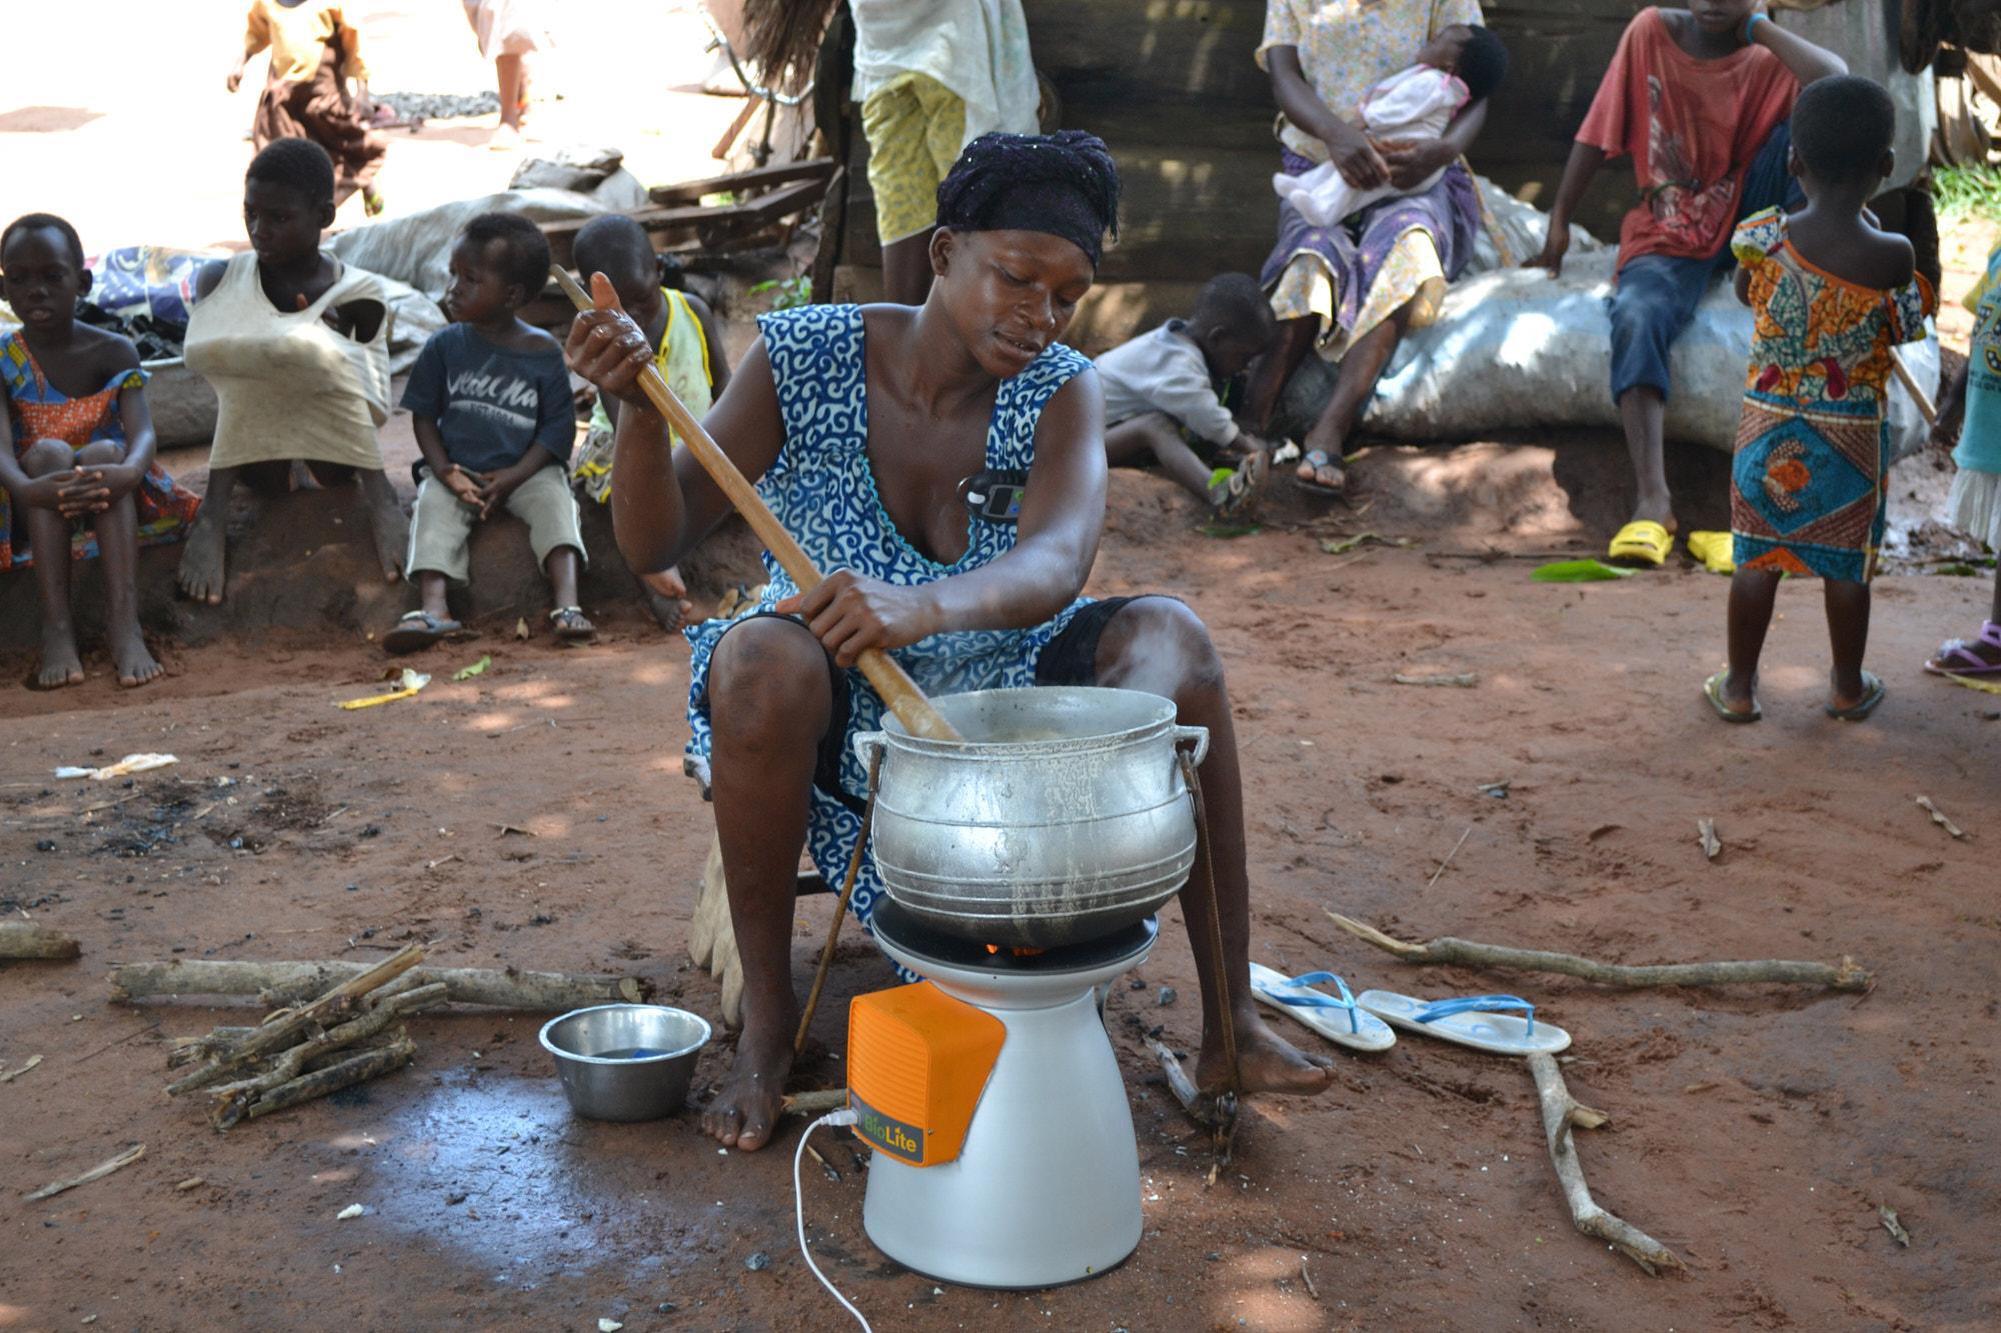 Mit den gesünderen Kochmöglichkeiten schützen die Menschen auch ihre Kinder. Clean Cooking Alliance